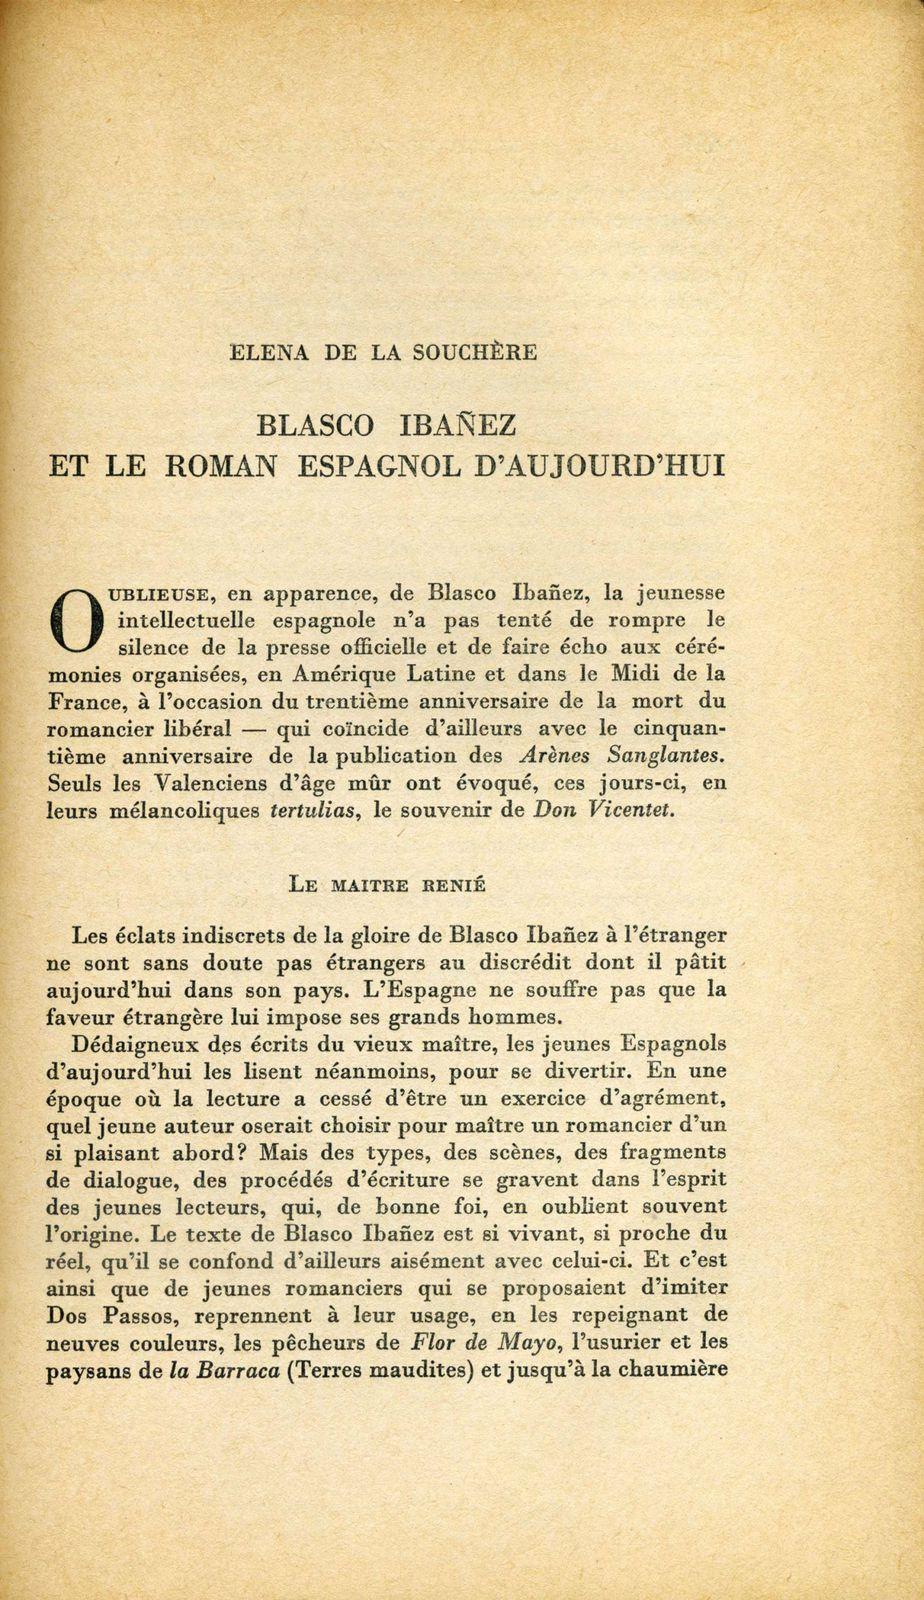 Article d'Elena de la Souchère aux Lettres Nouvelles.